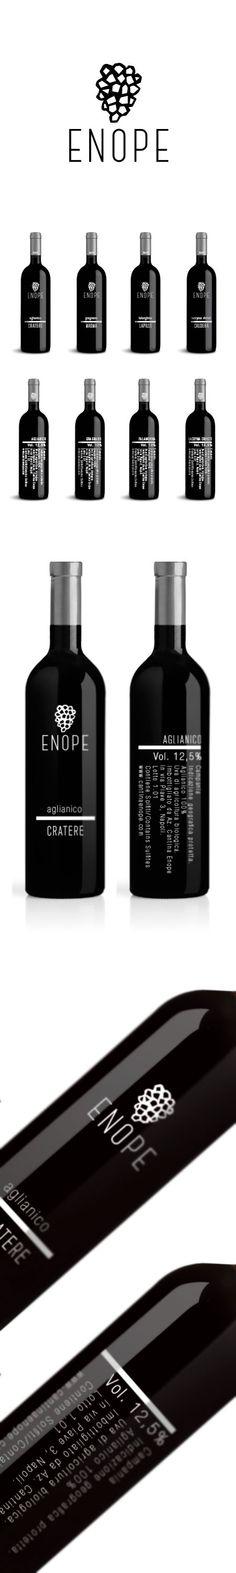 #Etichetta #Vino #Wine #ENOPE #Napoli #Partenope #Italy #Italia © @Centro Studi Ilas  ® 2013 - Vincenzo Compagnone / Docente Alessandro Cocchia